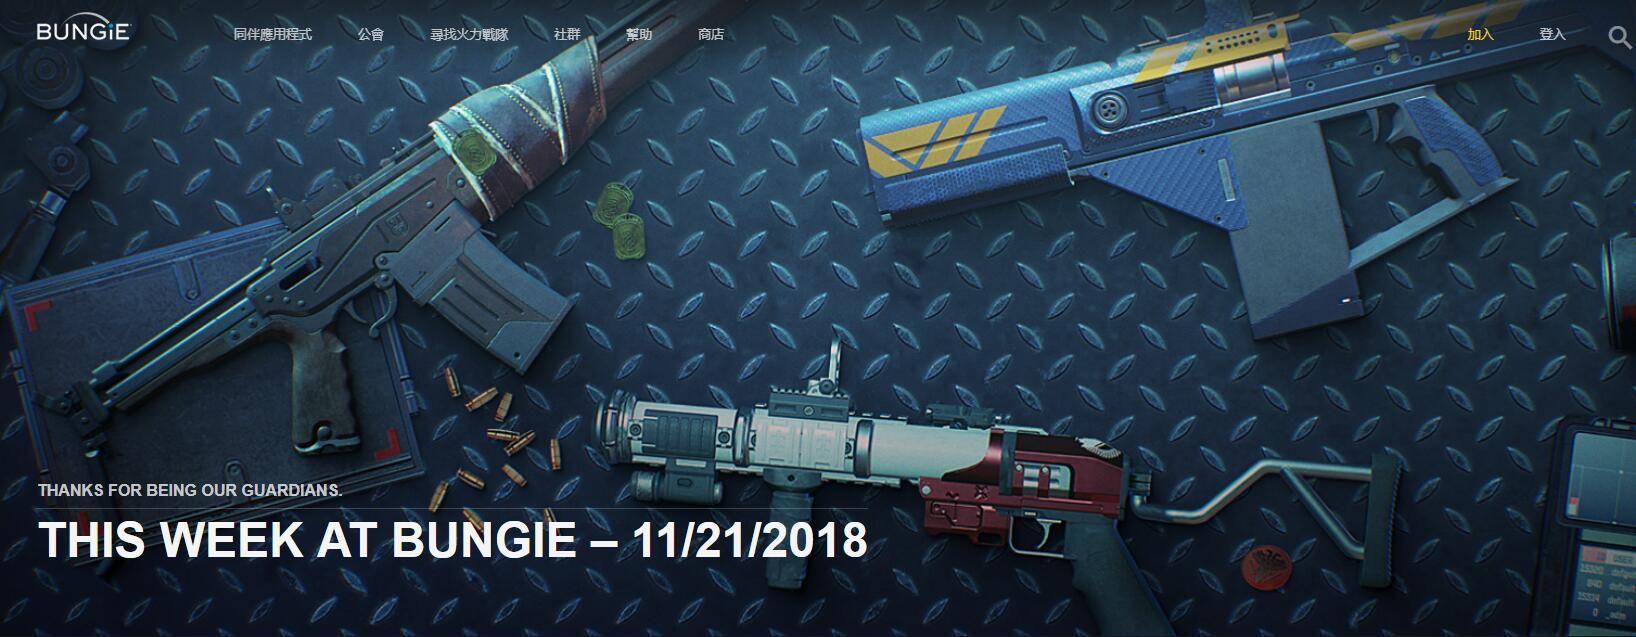 《命运2》 新增三款顶峰武器 将于不同模式闪亮登场